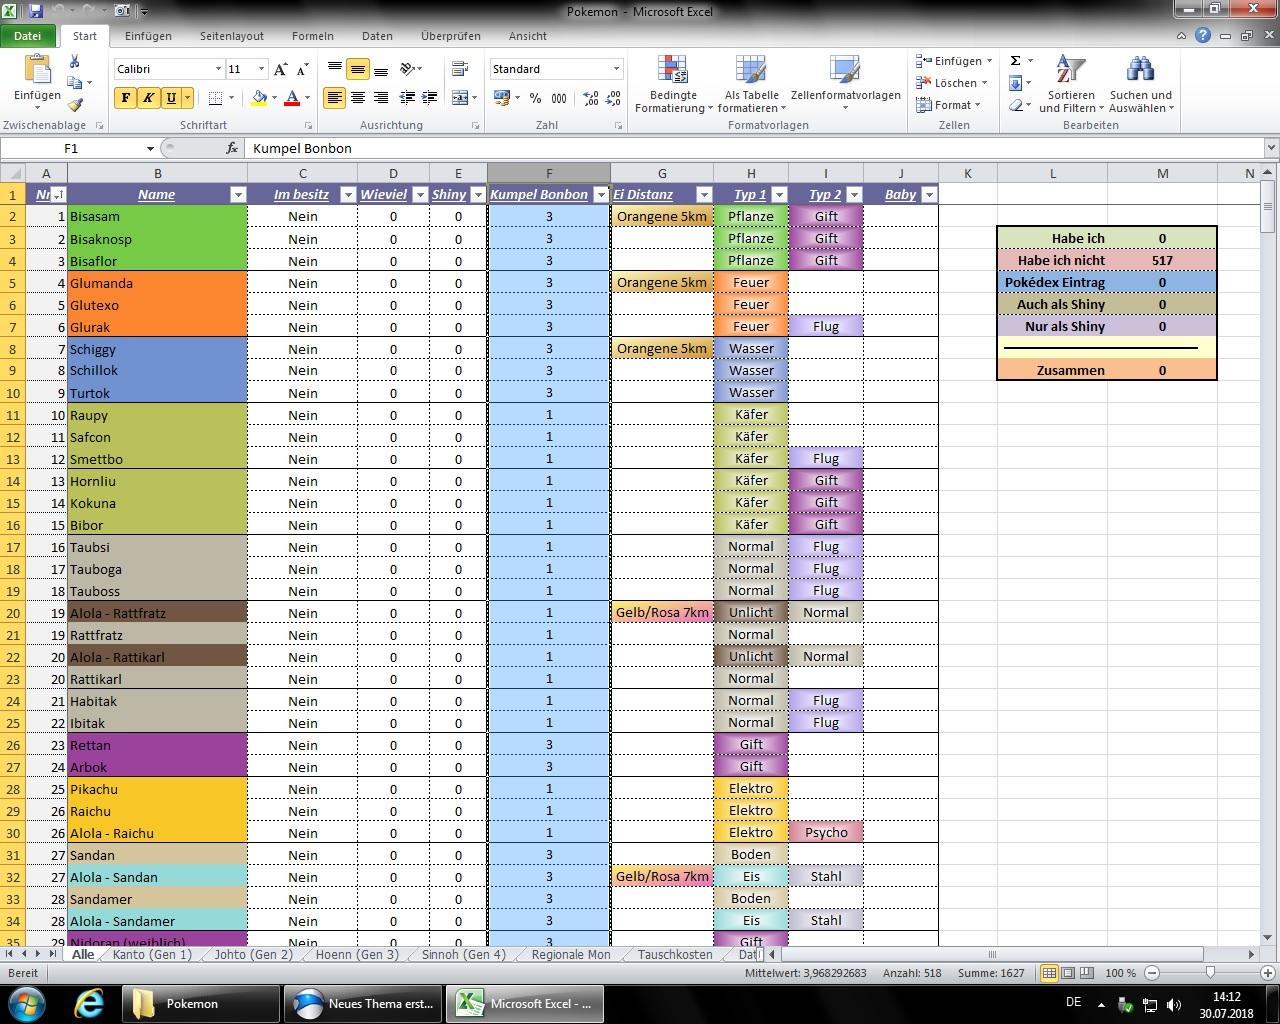 pokedex checklist excel - Ataum berglauf-verband com